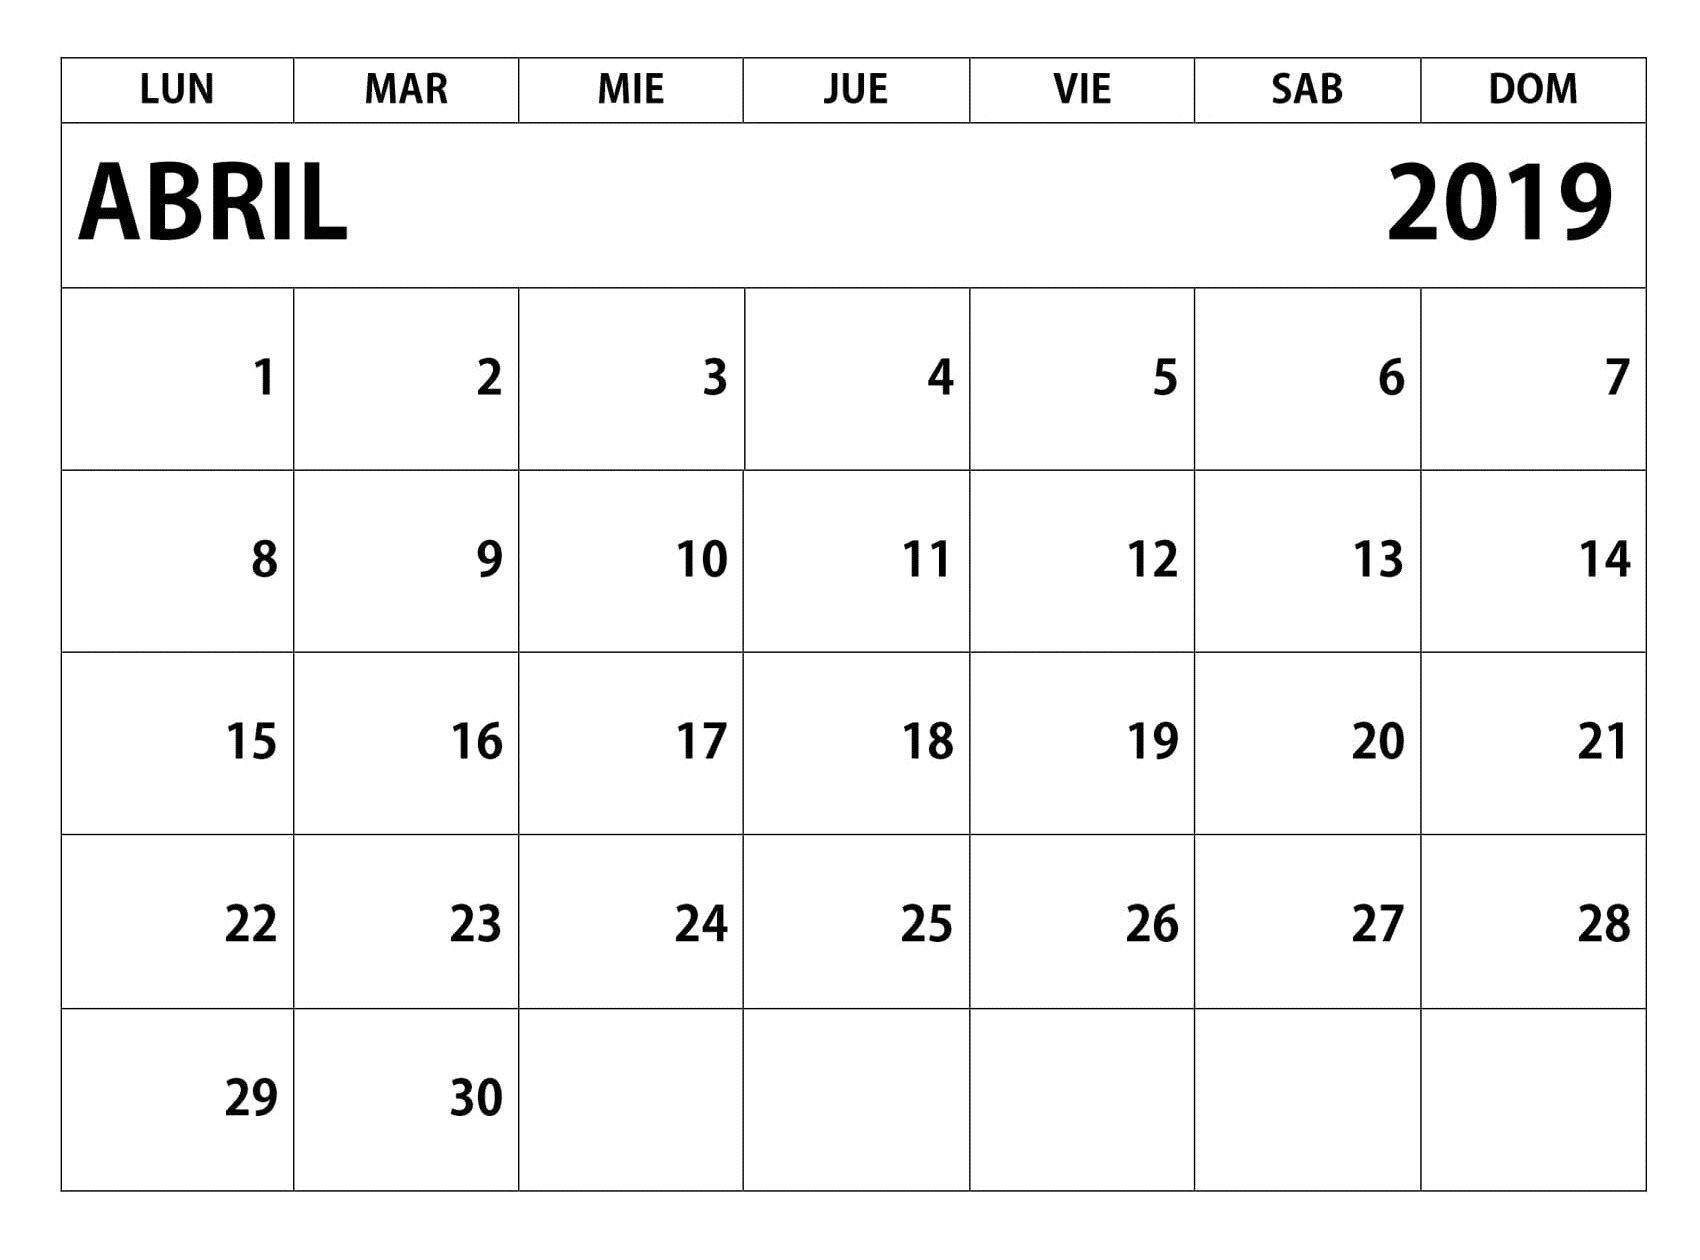 Calendario 2019 Con Festivos Pdf Más Recientes Calendario Mes De Abril Of Calendario 2019 Con Festivos Pdf Más Arriba-a-fecha Calendario 2019 Lun Carabobo Newspictures